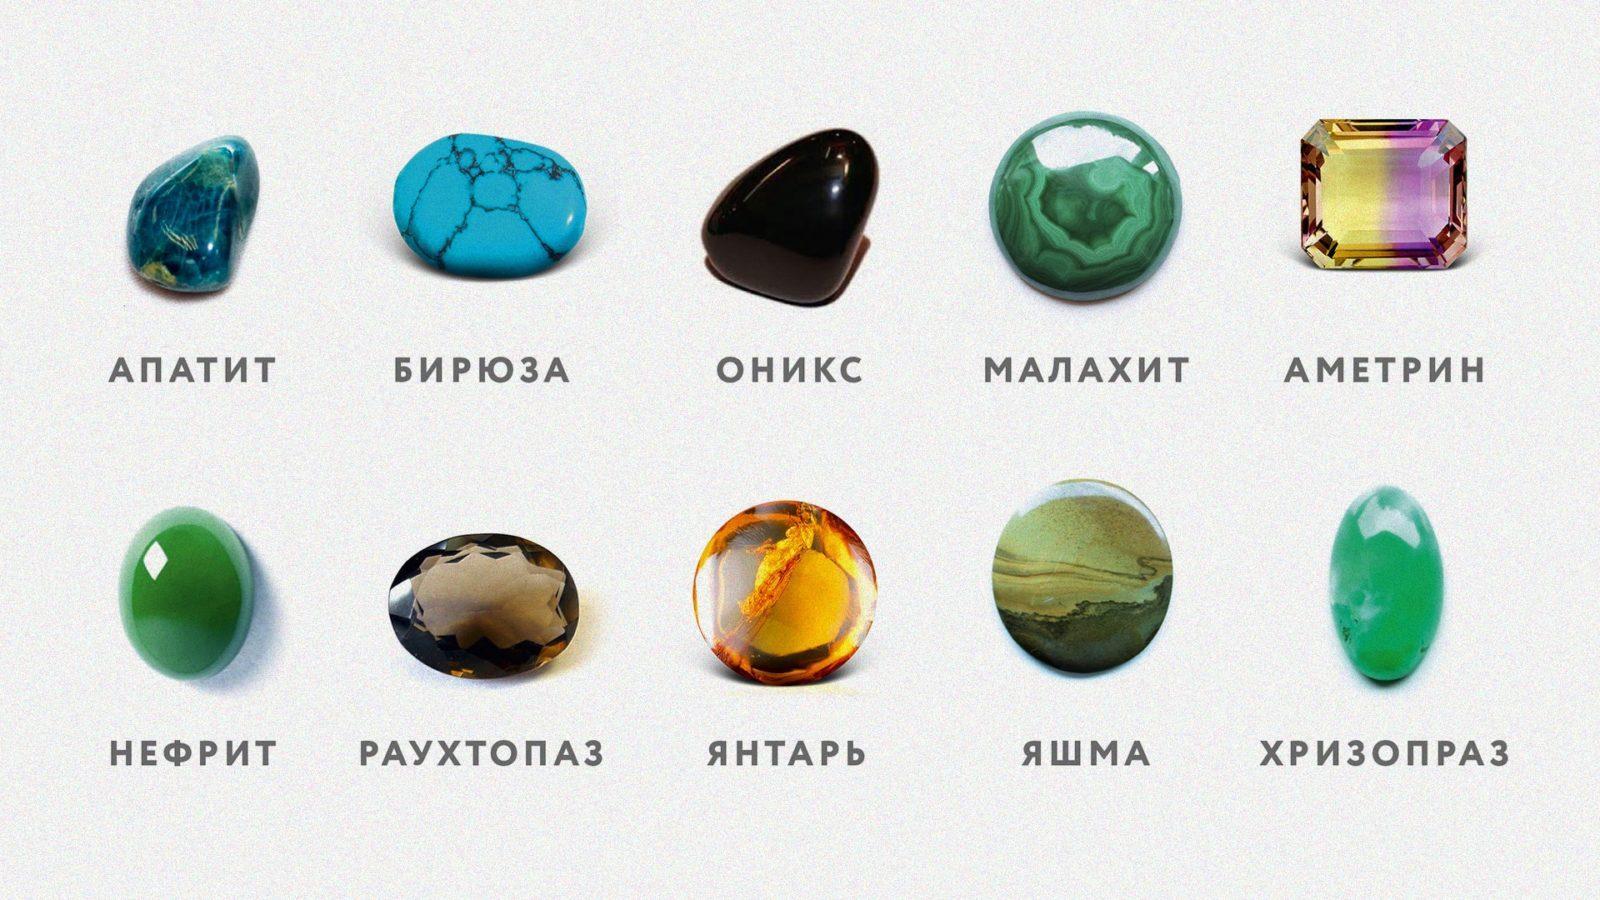 Фото камней самоцветов